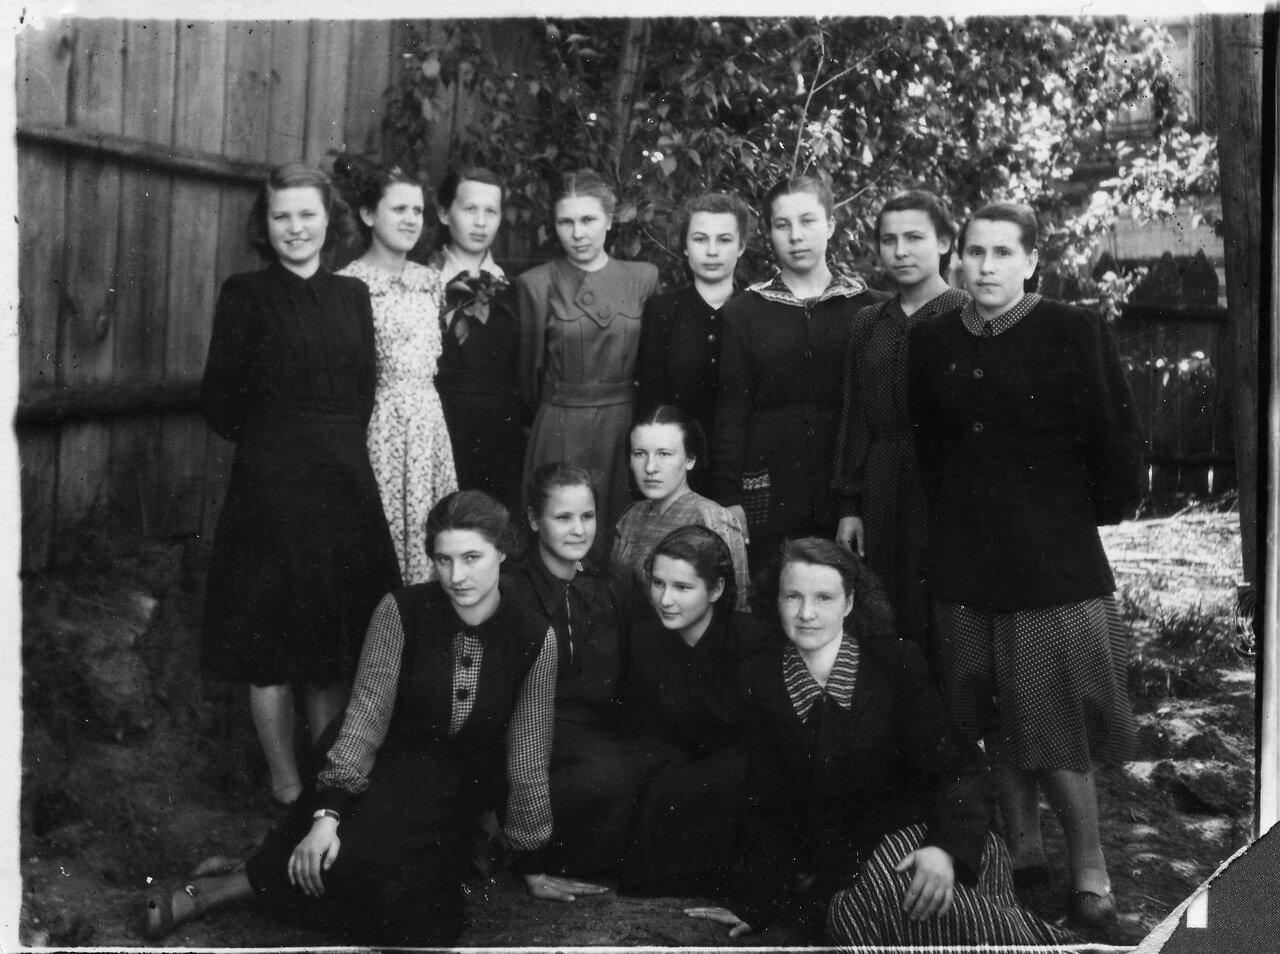 1954. Студентки группы В в институтском садике перед зачётом по математическому анализу. Арзамасский государственный педагогический институт